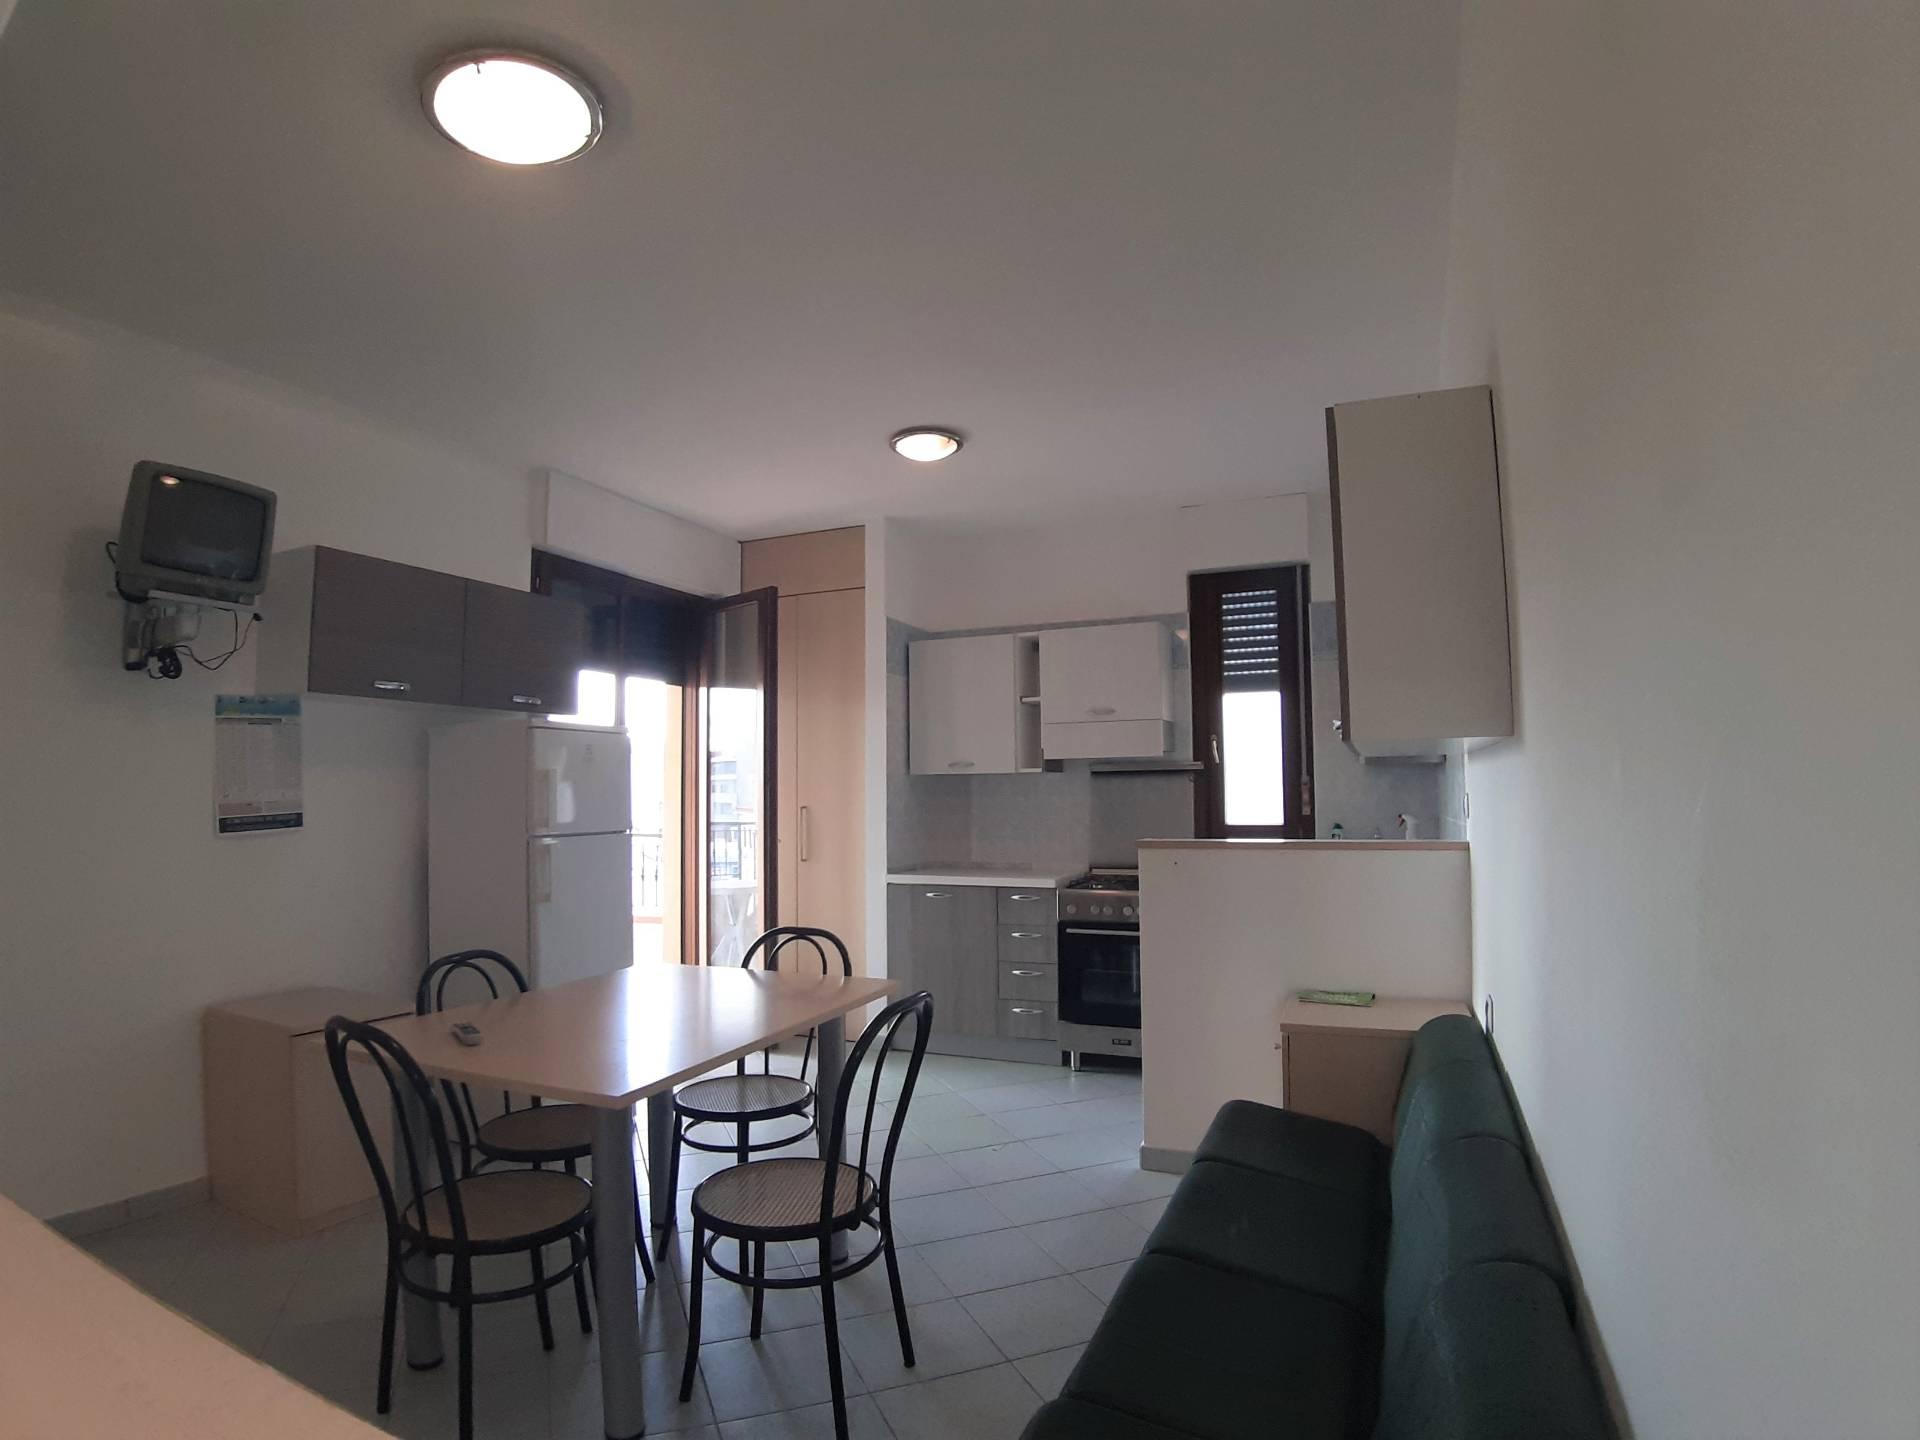 Appartamento in vendita a Giulianova, 5 locali, zona Località: LIDOCENTRO, prezzo € 155.000 | PortaleAgenzieImmobiliari.it